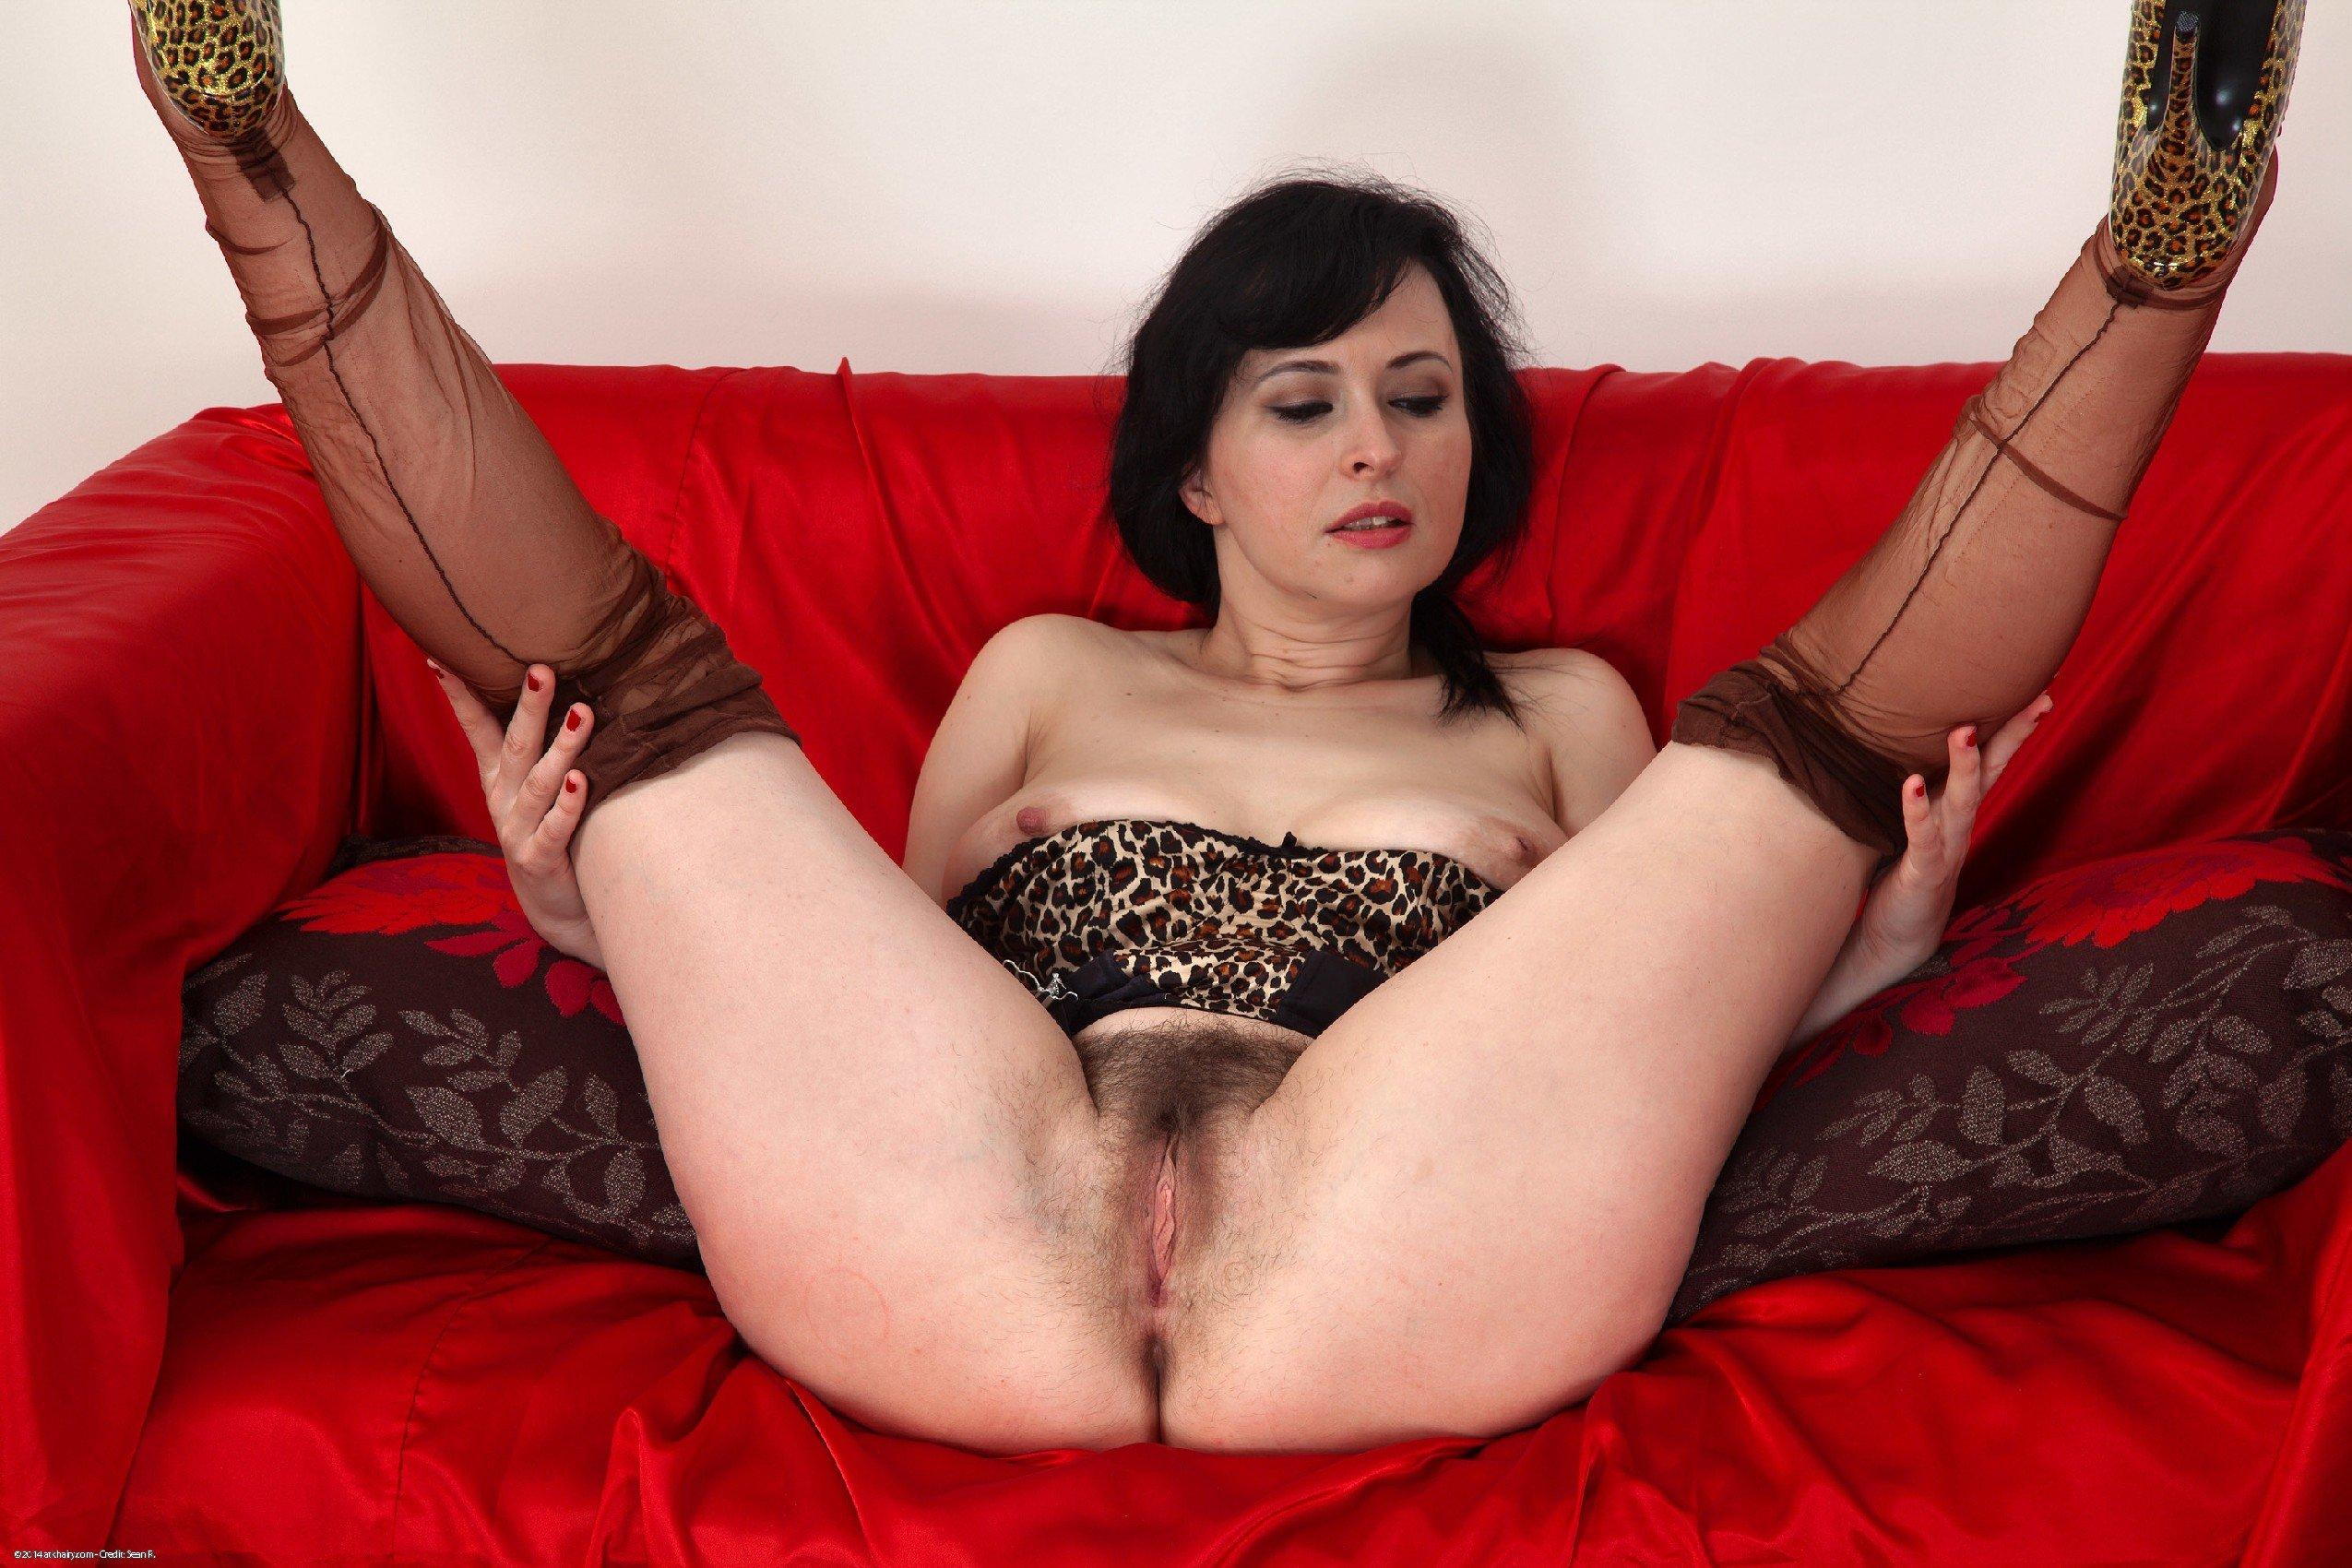 Развратное порно фото зрелых мамочек кухня порно самотыком